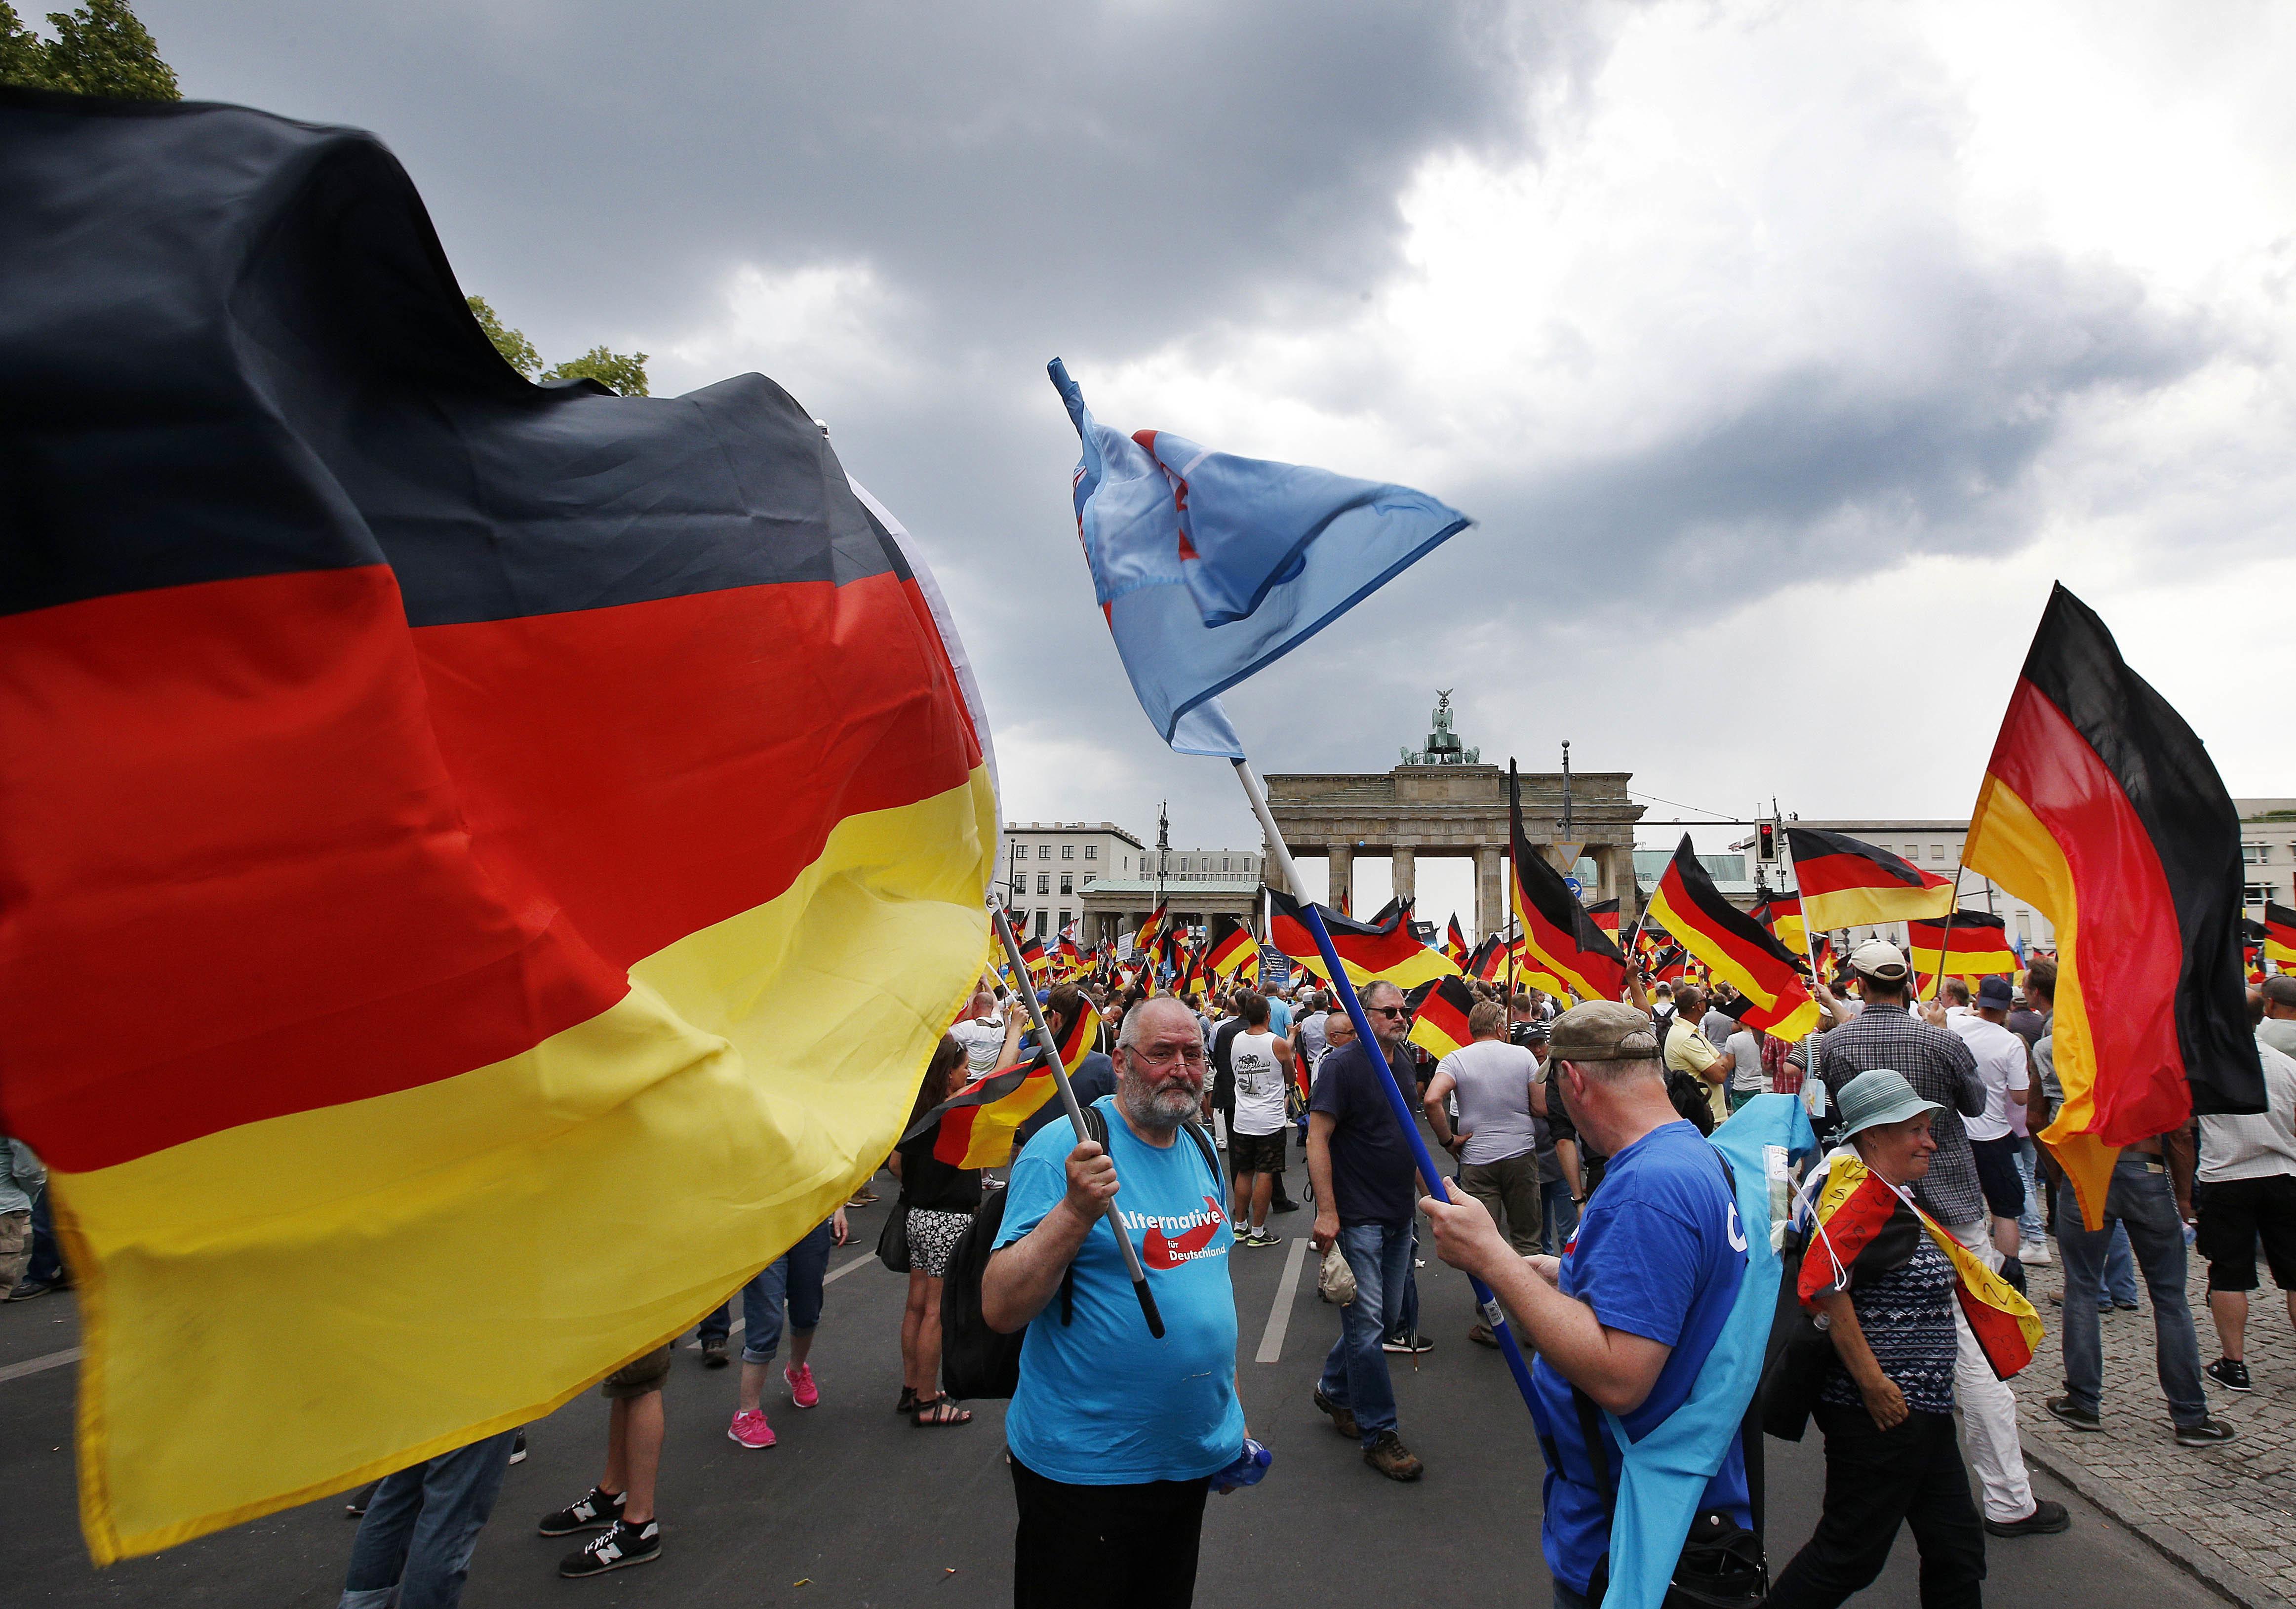 Γερμανία: Μαθητές – πληροφοριοδότες κατά καθηγητών «στρατολογεί» το